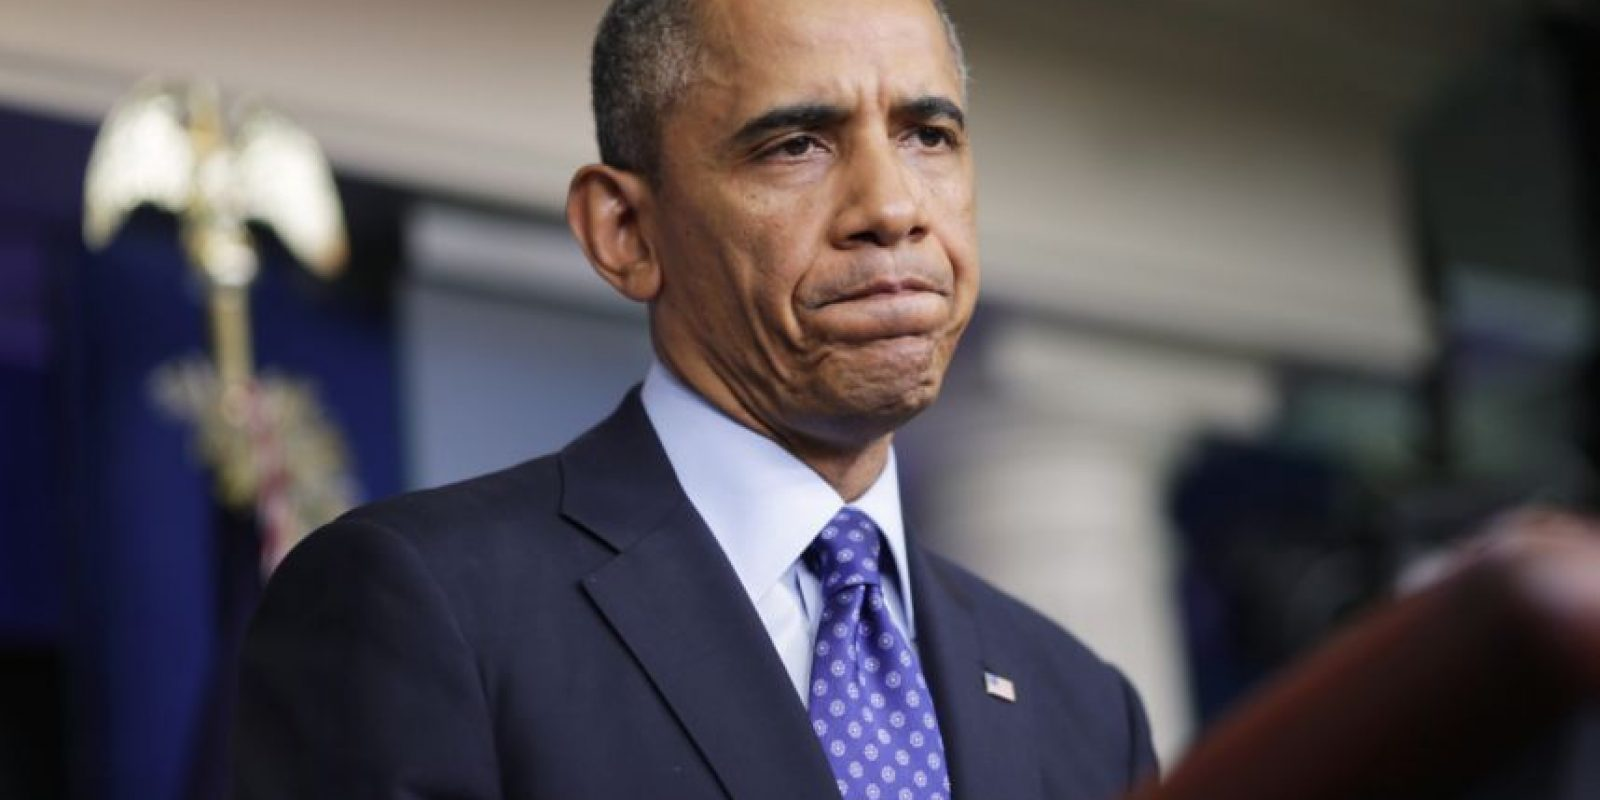 El Presidente Obama busca consensos para sacar adelante sus iniciativas. Foto:Getty Images